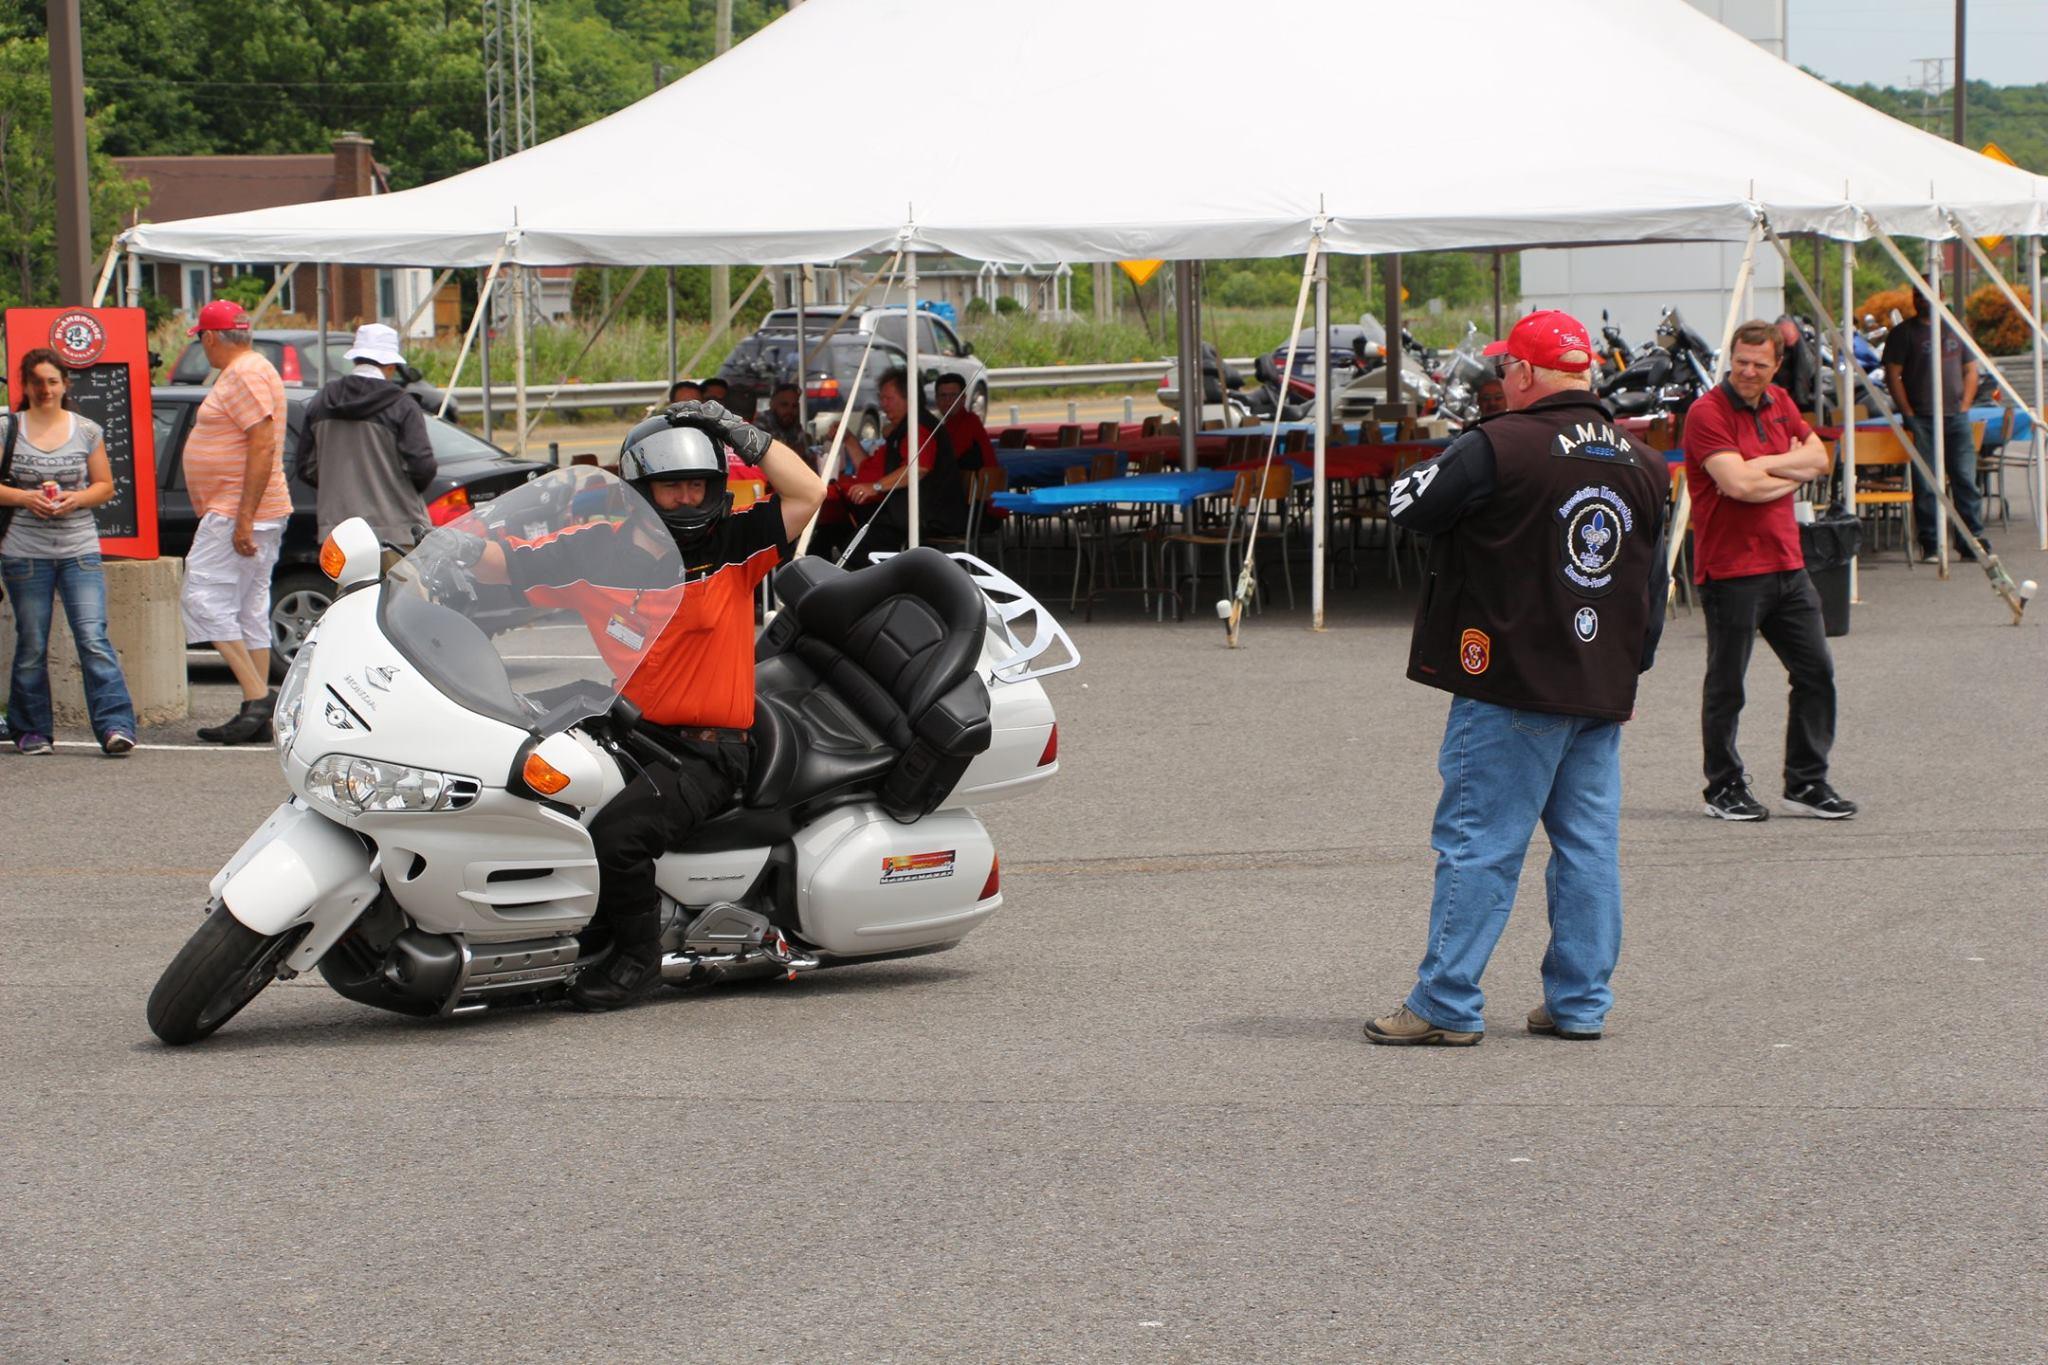 Conduire moto quebec